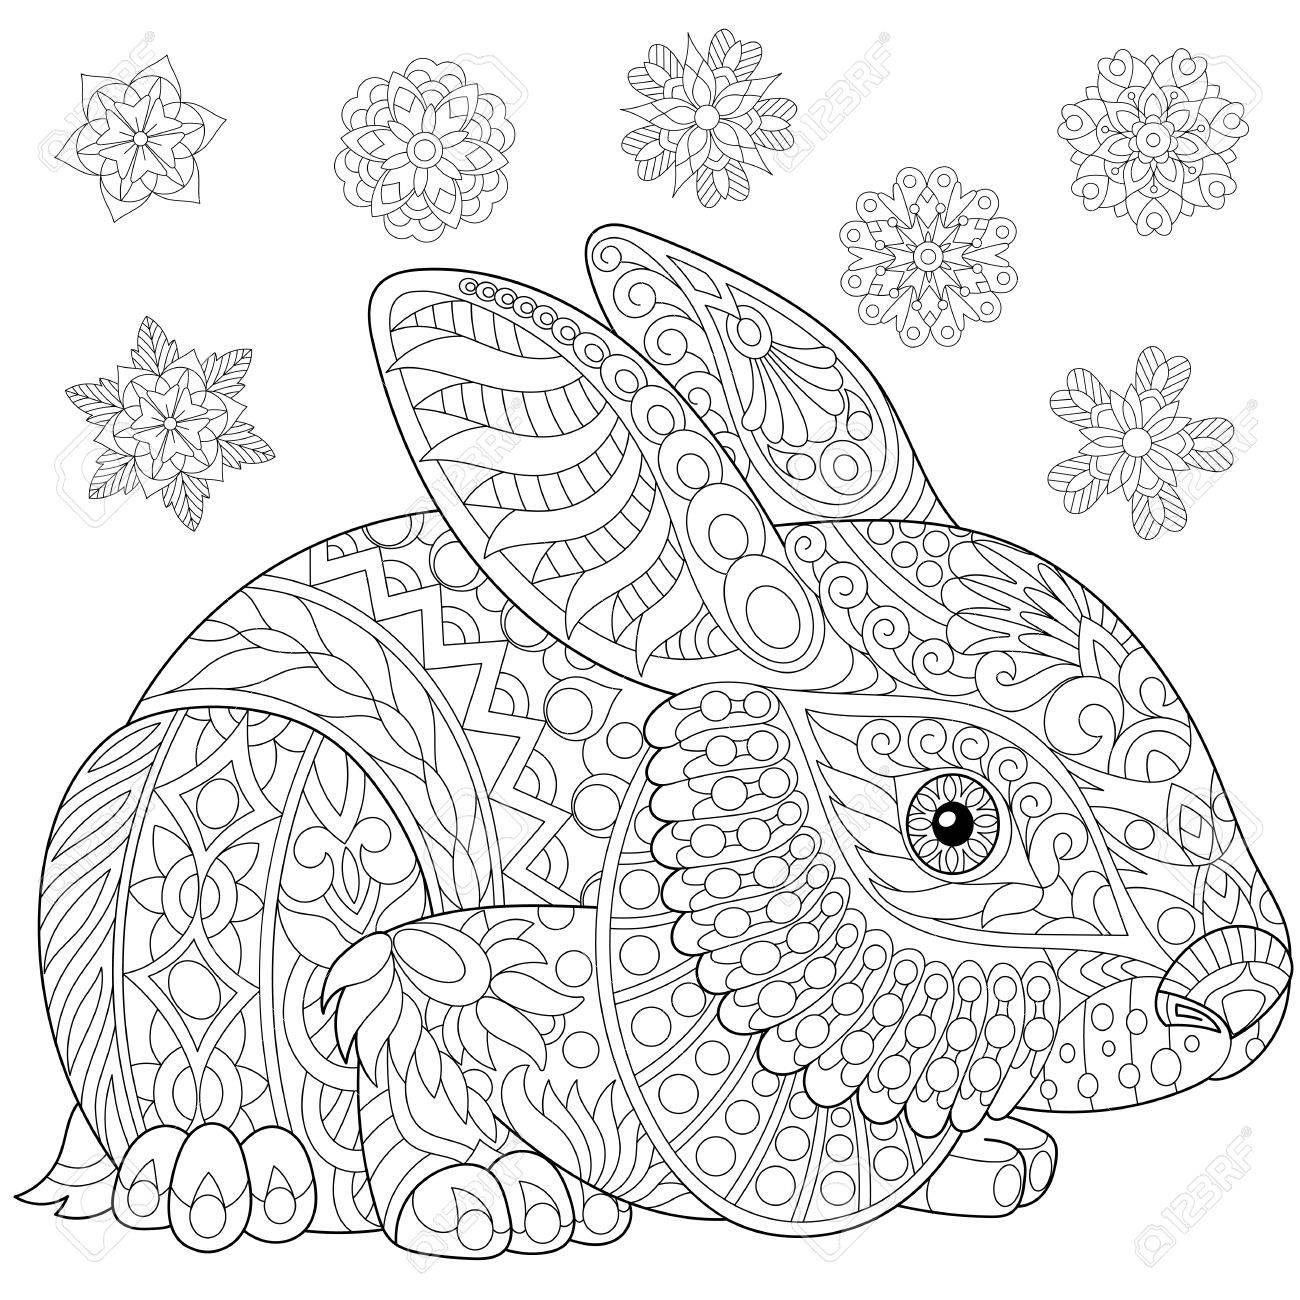 Malvorlage Von Kaninchen (Hase) Und Winter Schneeflocken. Handskizze ...